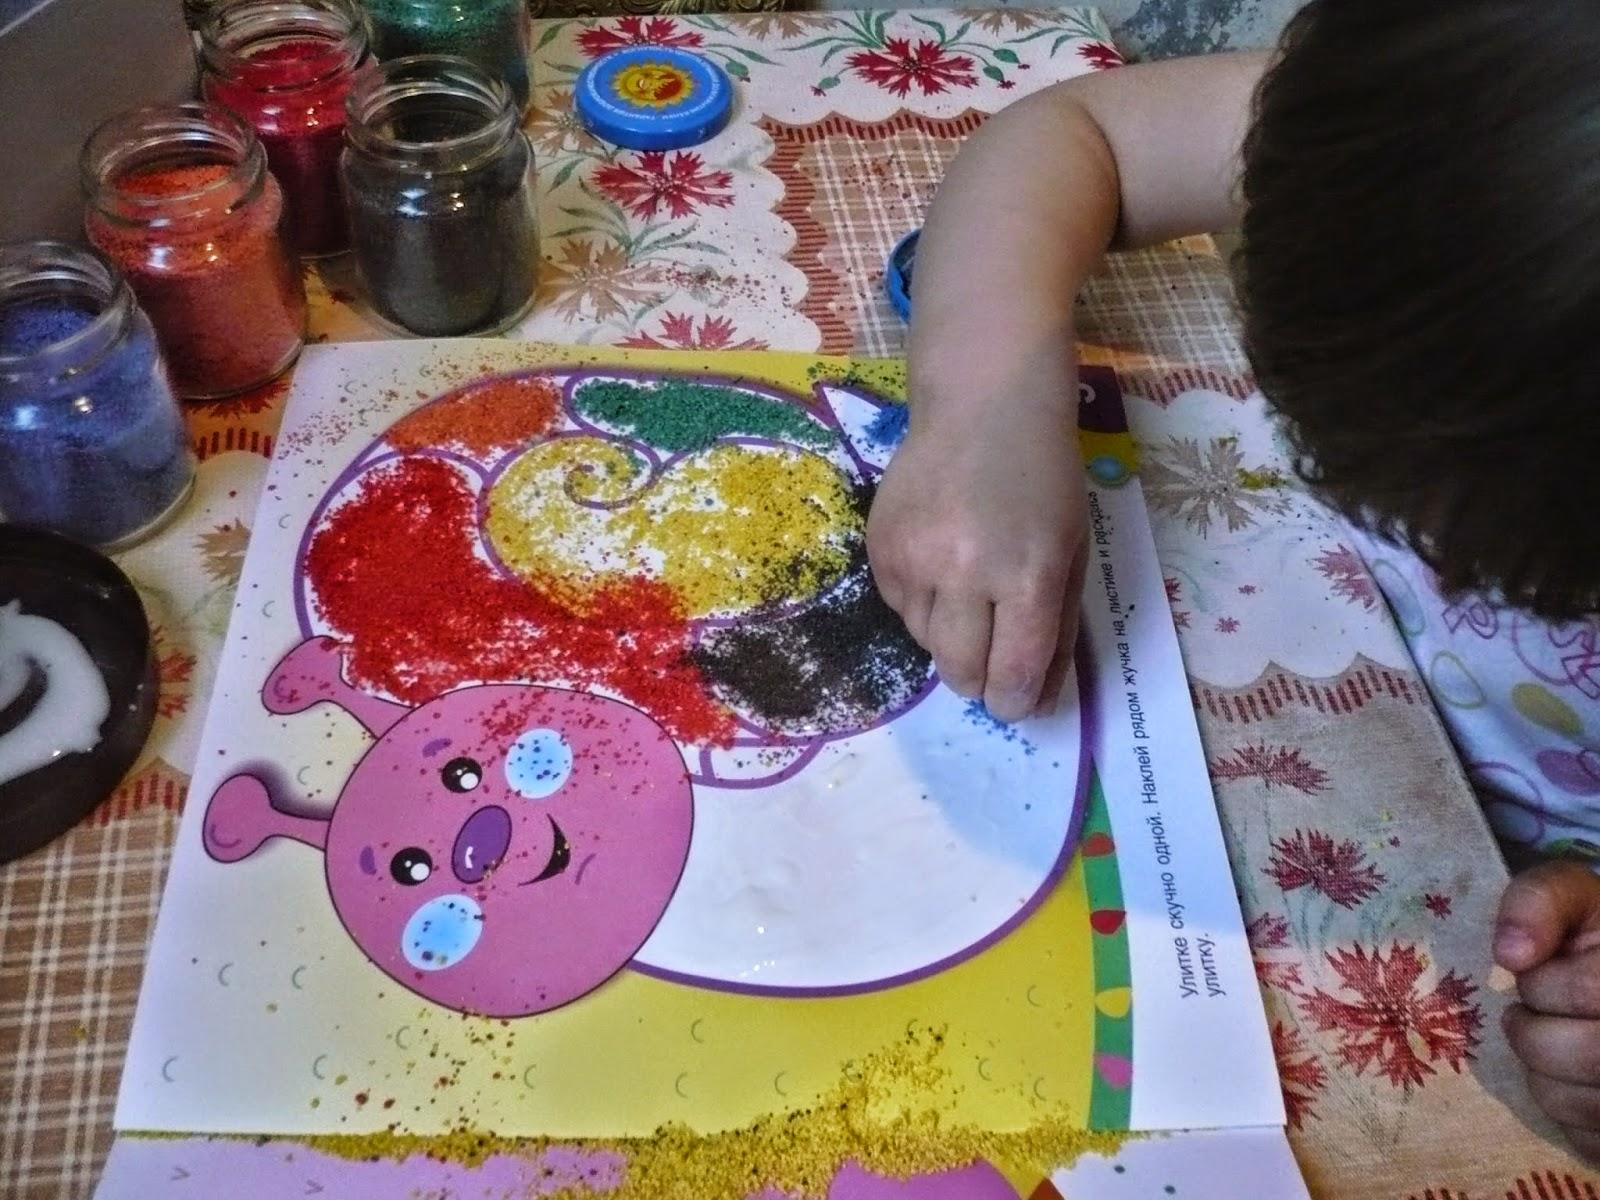 Как манку покрасить для поделок? Все способы изготовления альтернативы 19